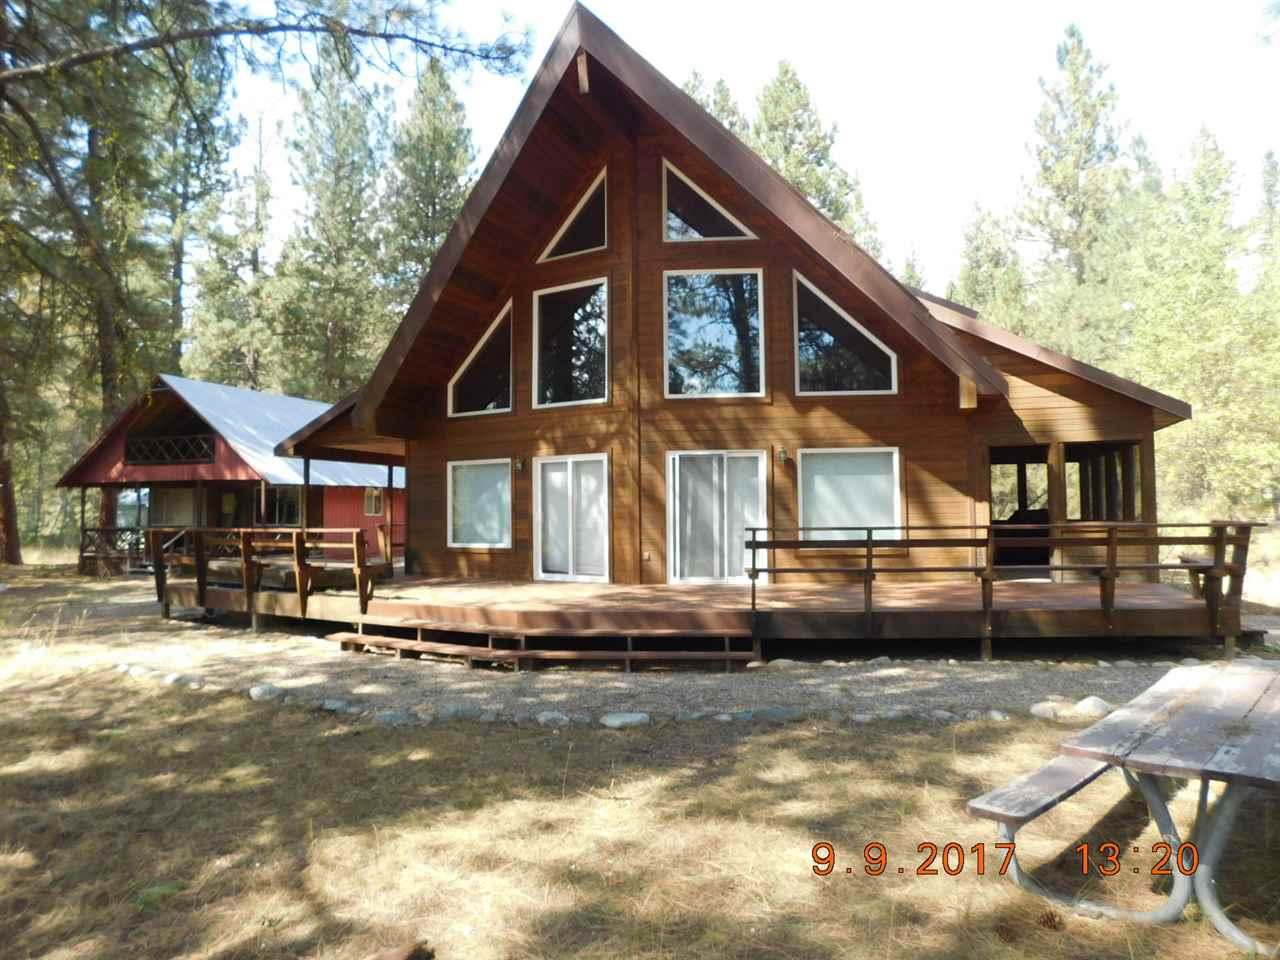 Casa Unifamiliar por un Venta en 1605 E River Drive 1605 E River Drive Featherville, Idaho 83647